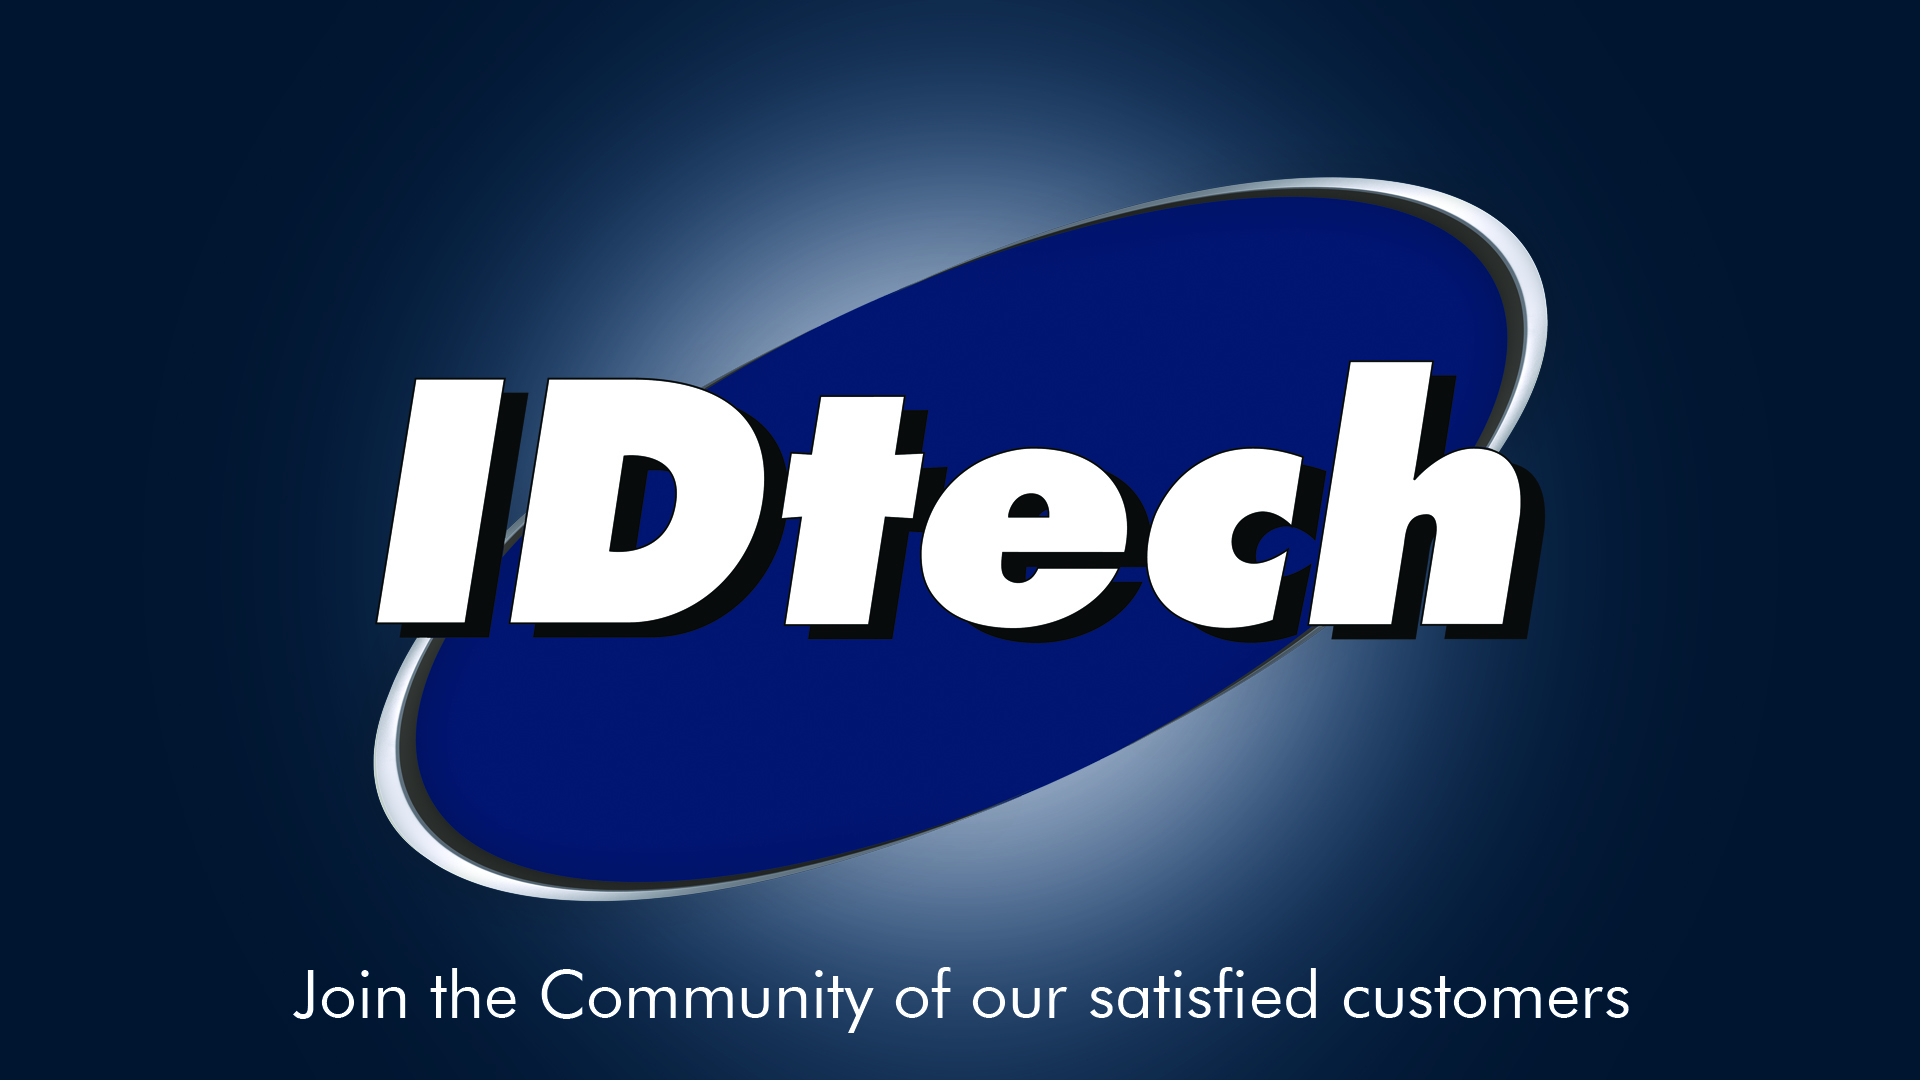 IDtech : plus de 25 ans d'expérience sur le marché de la sécurité